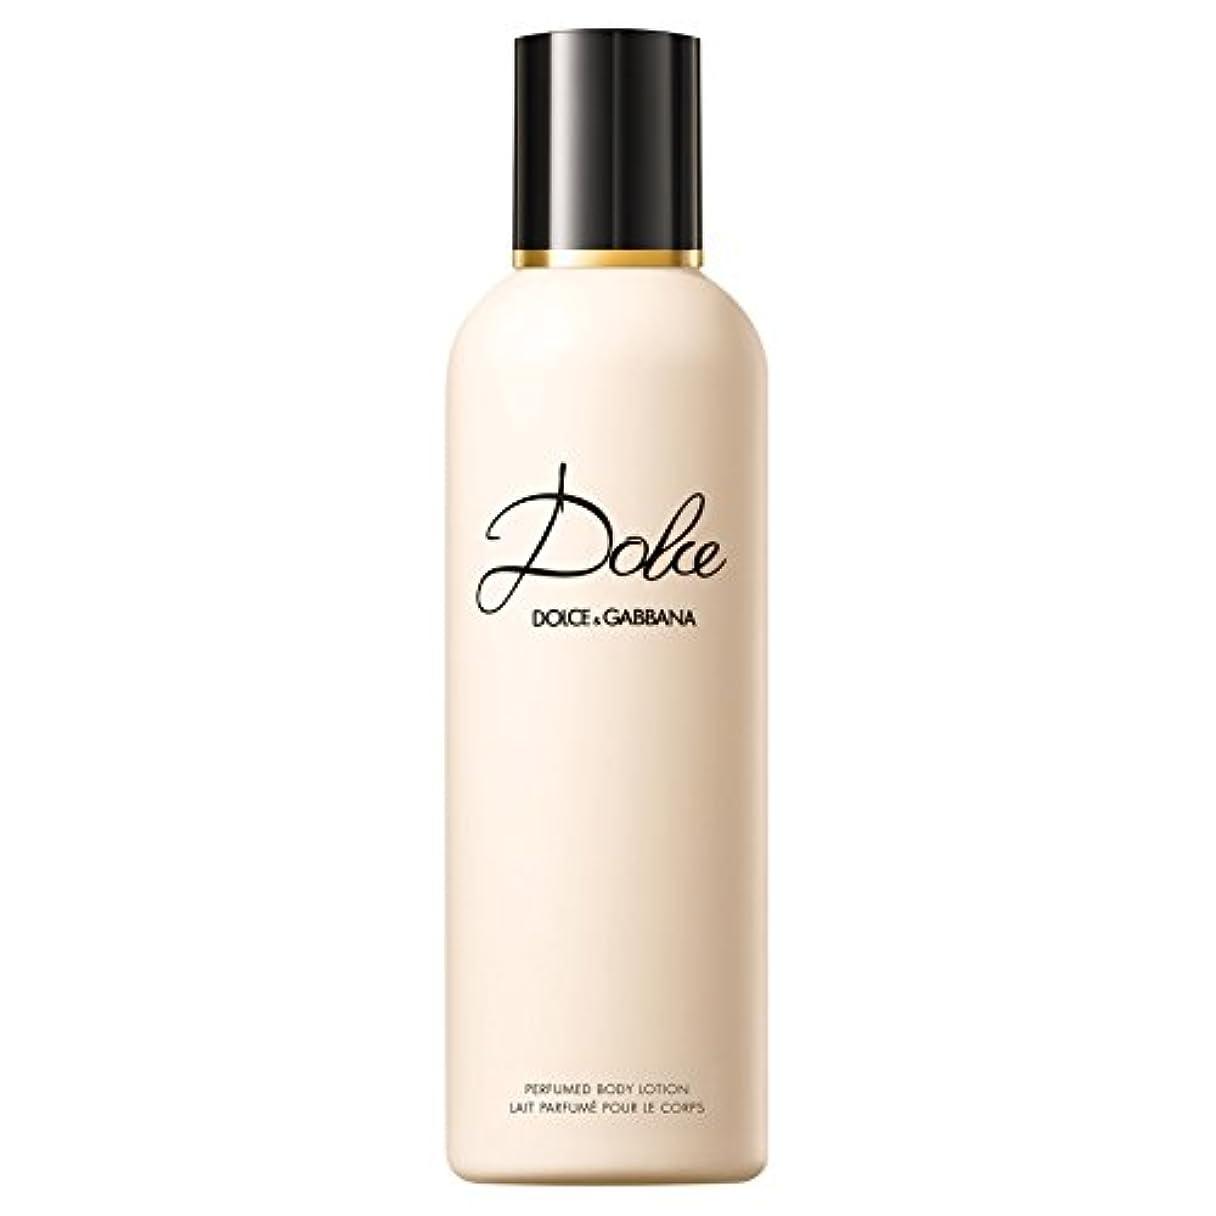 水曜日幻滅するオズワルドドルチェ&ガッバーナドルチェのボディローション200ミリリットル (Dolce & Gabbana) (x6) - Dolce & Gabbana Dolce Body Lotion 200ml (Pack of 6) [並行輸入品]